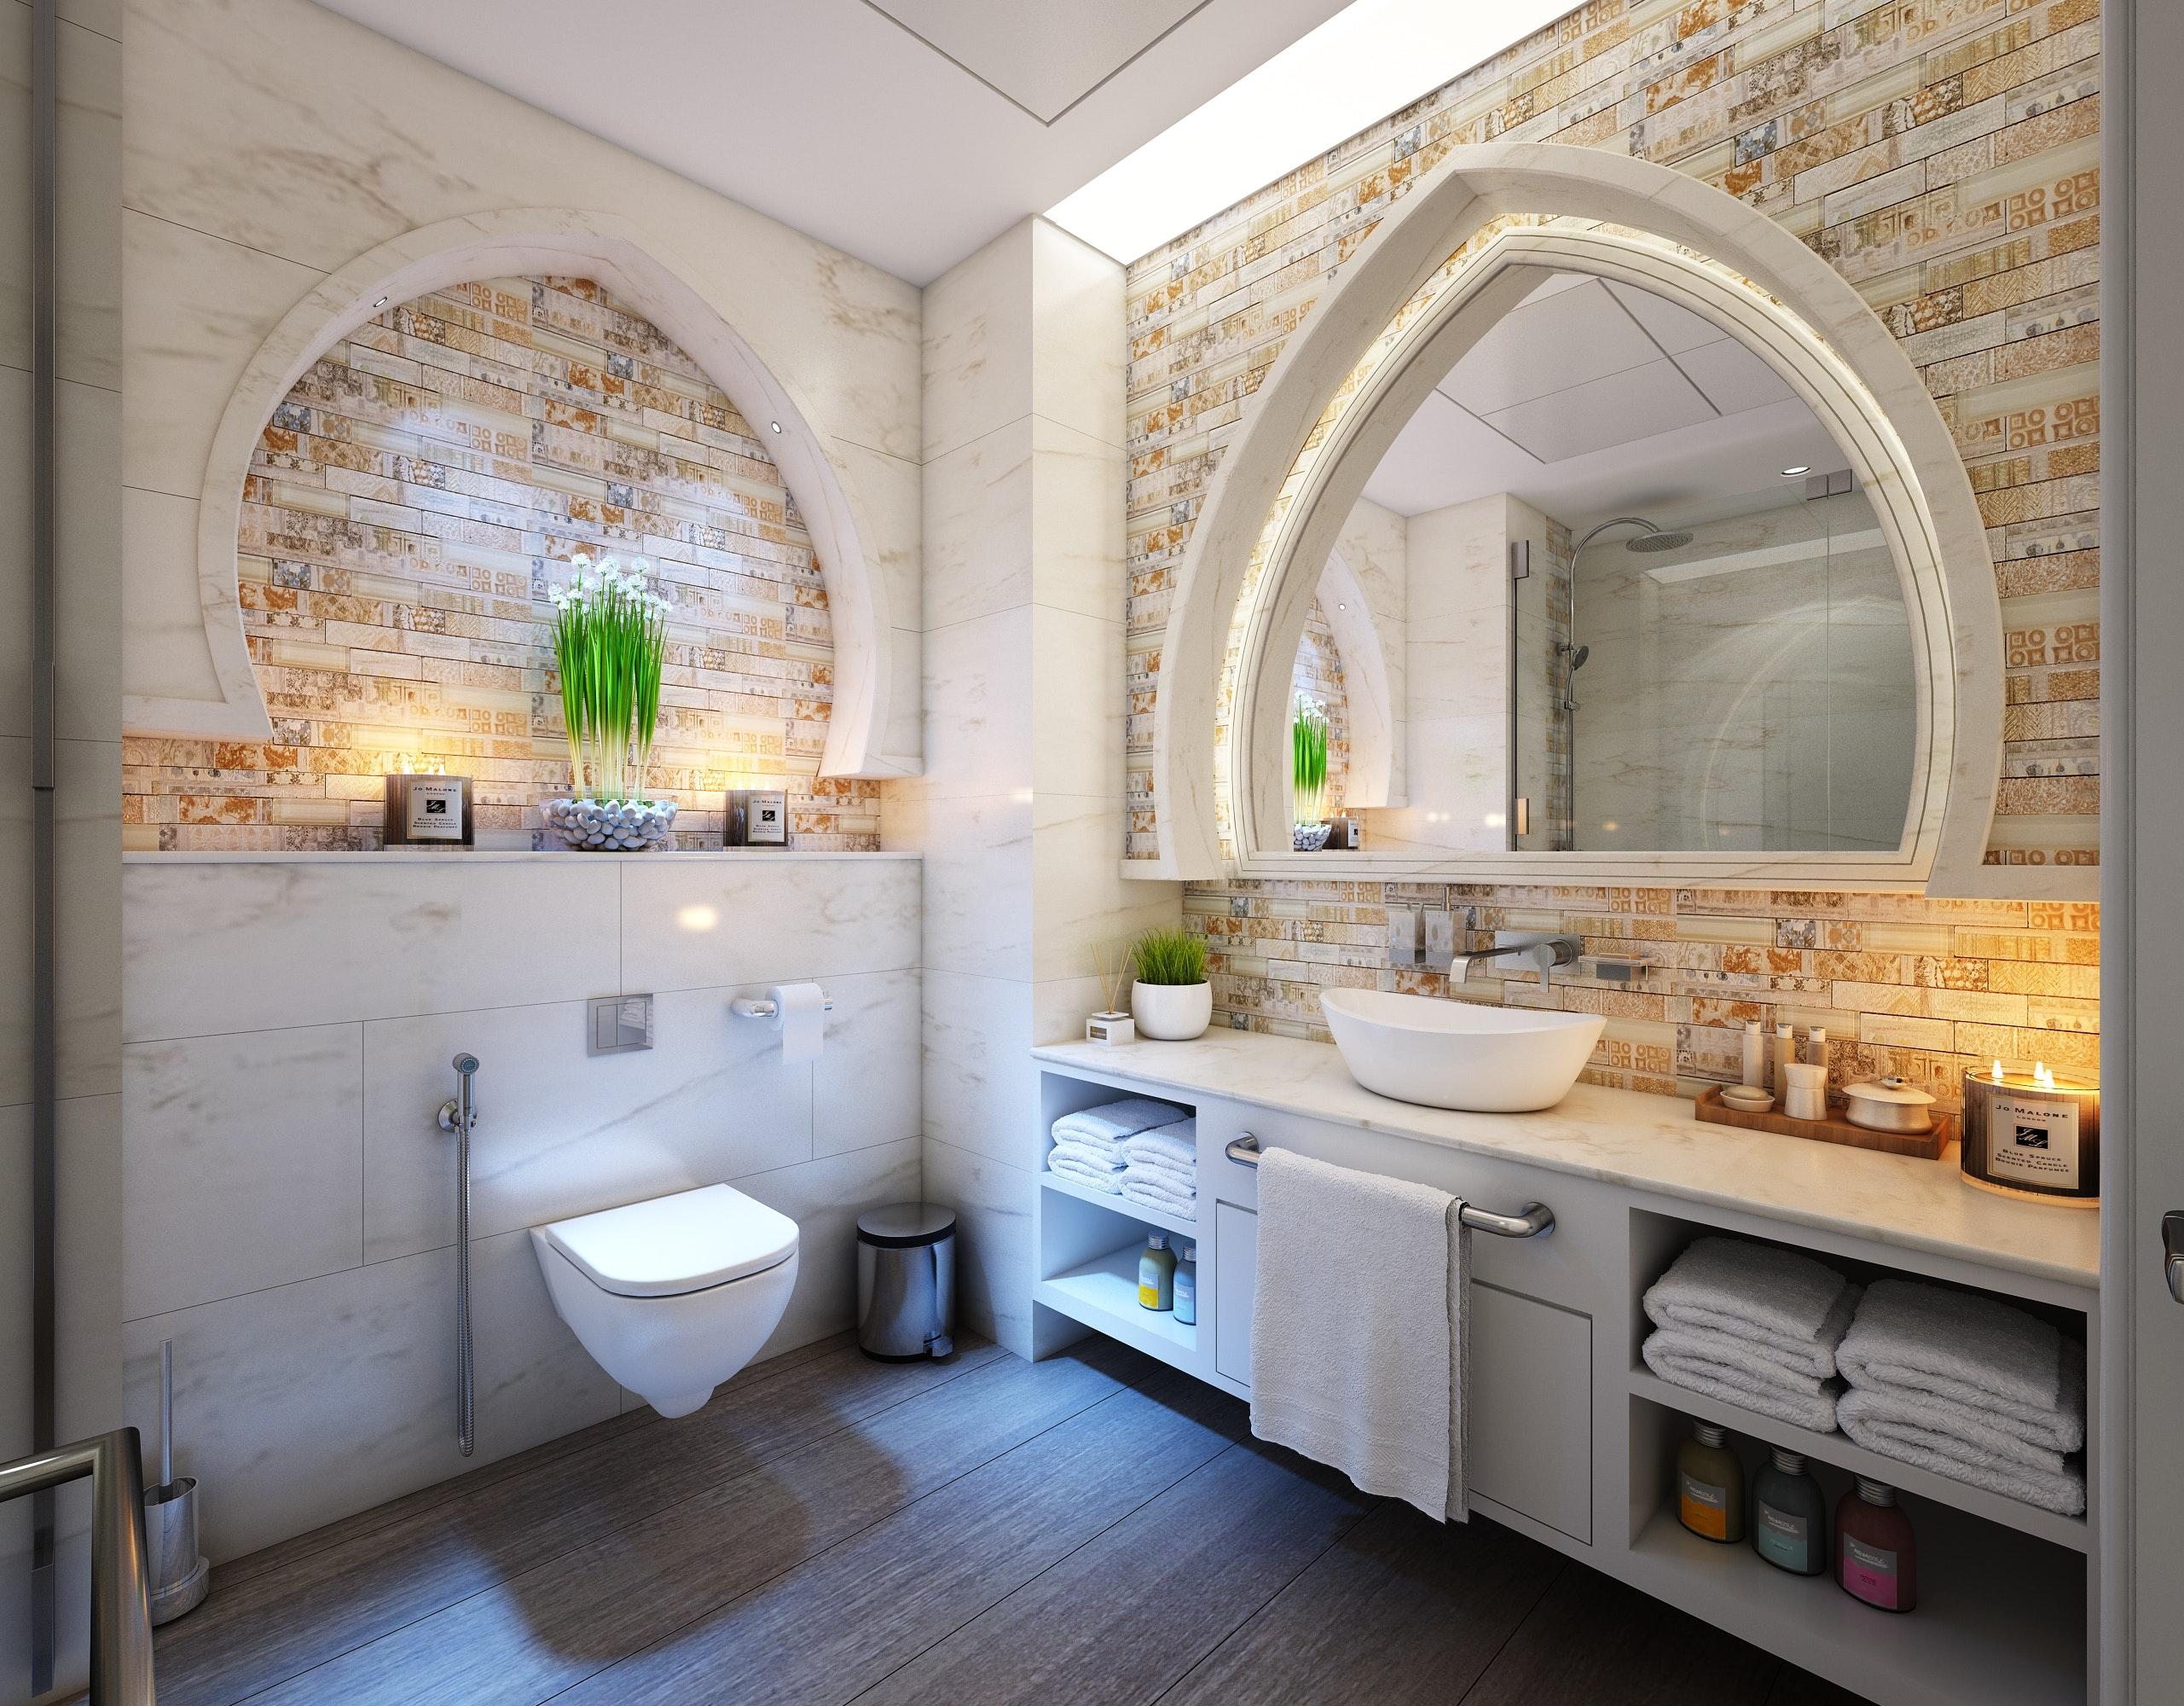 La cisterna empotrada, una solución para cualquier cuarto de baño